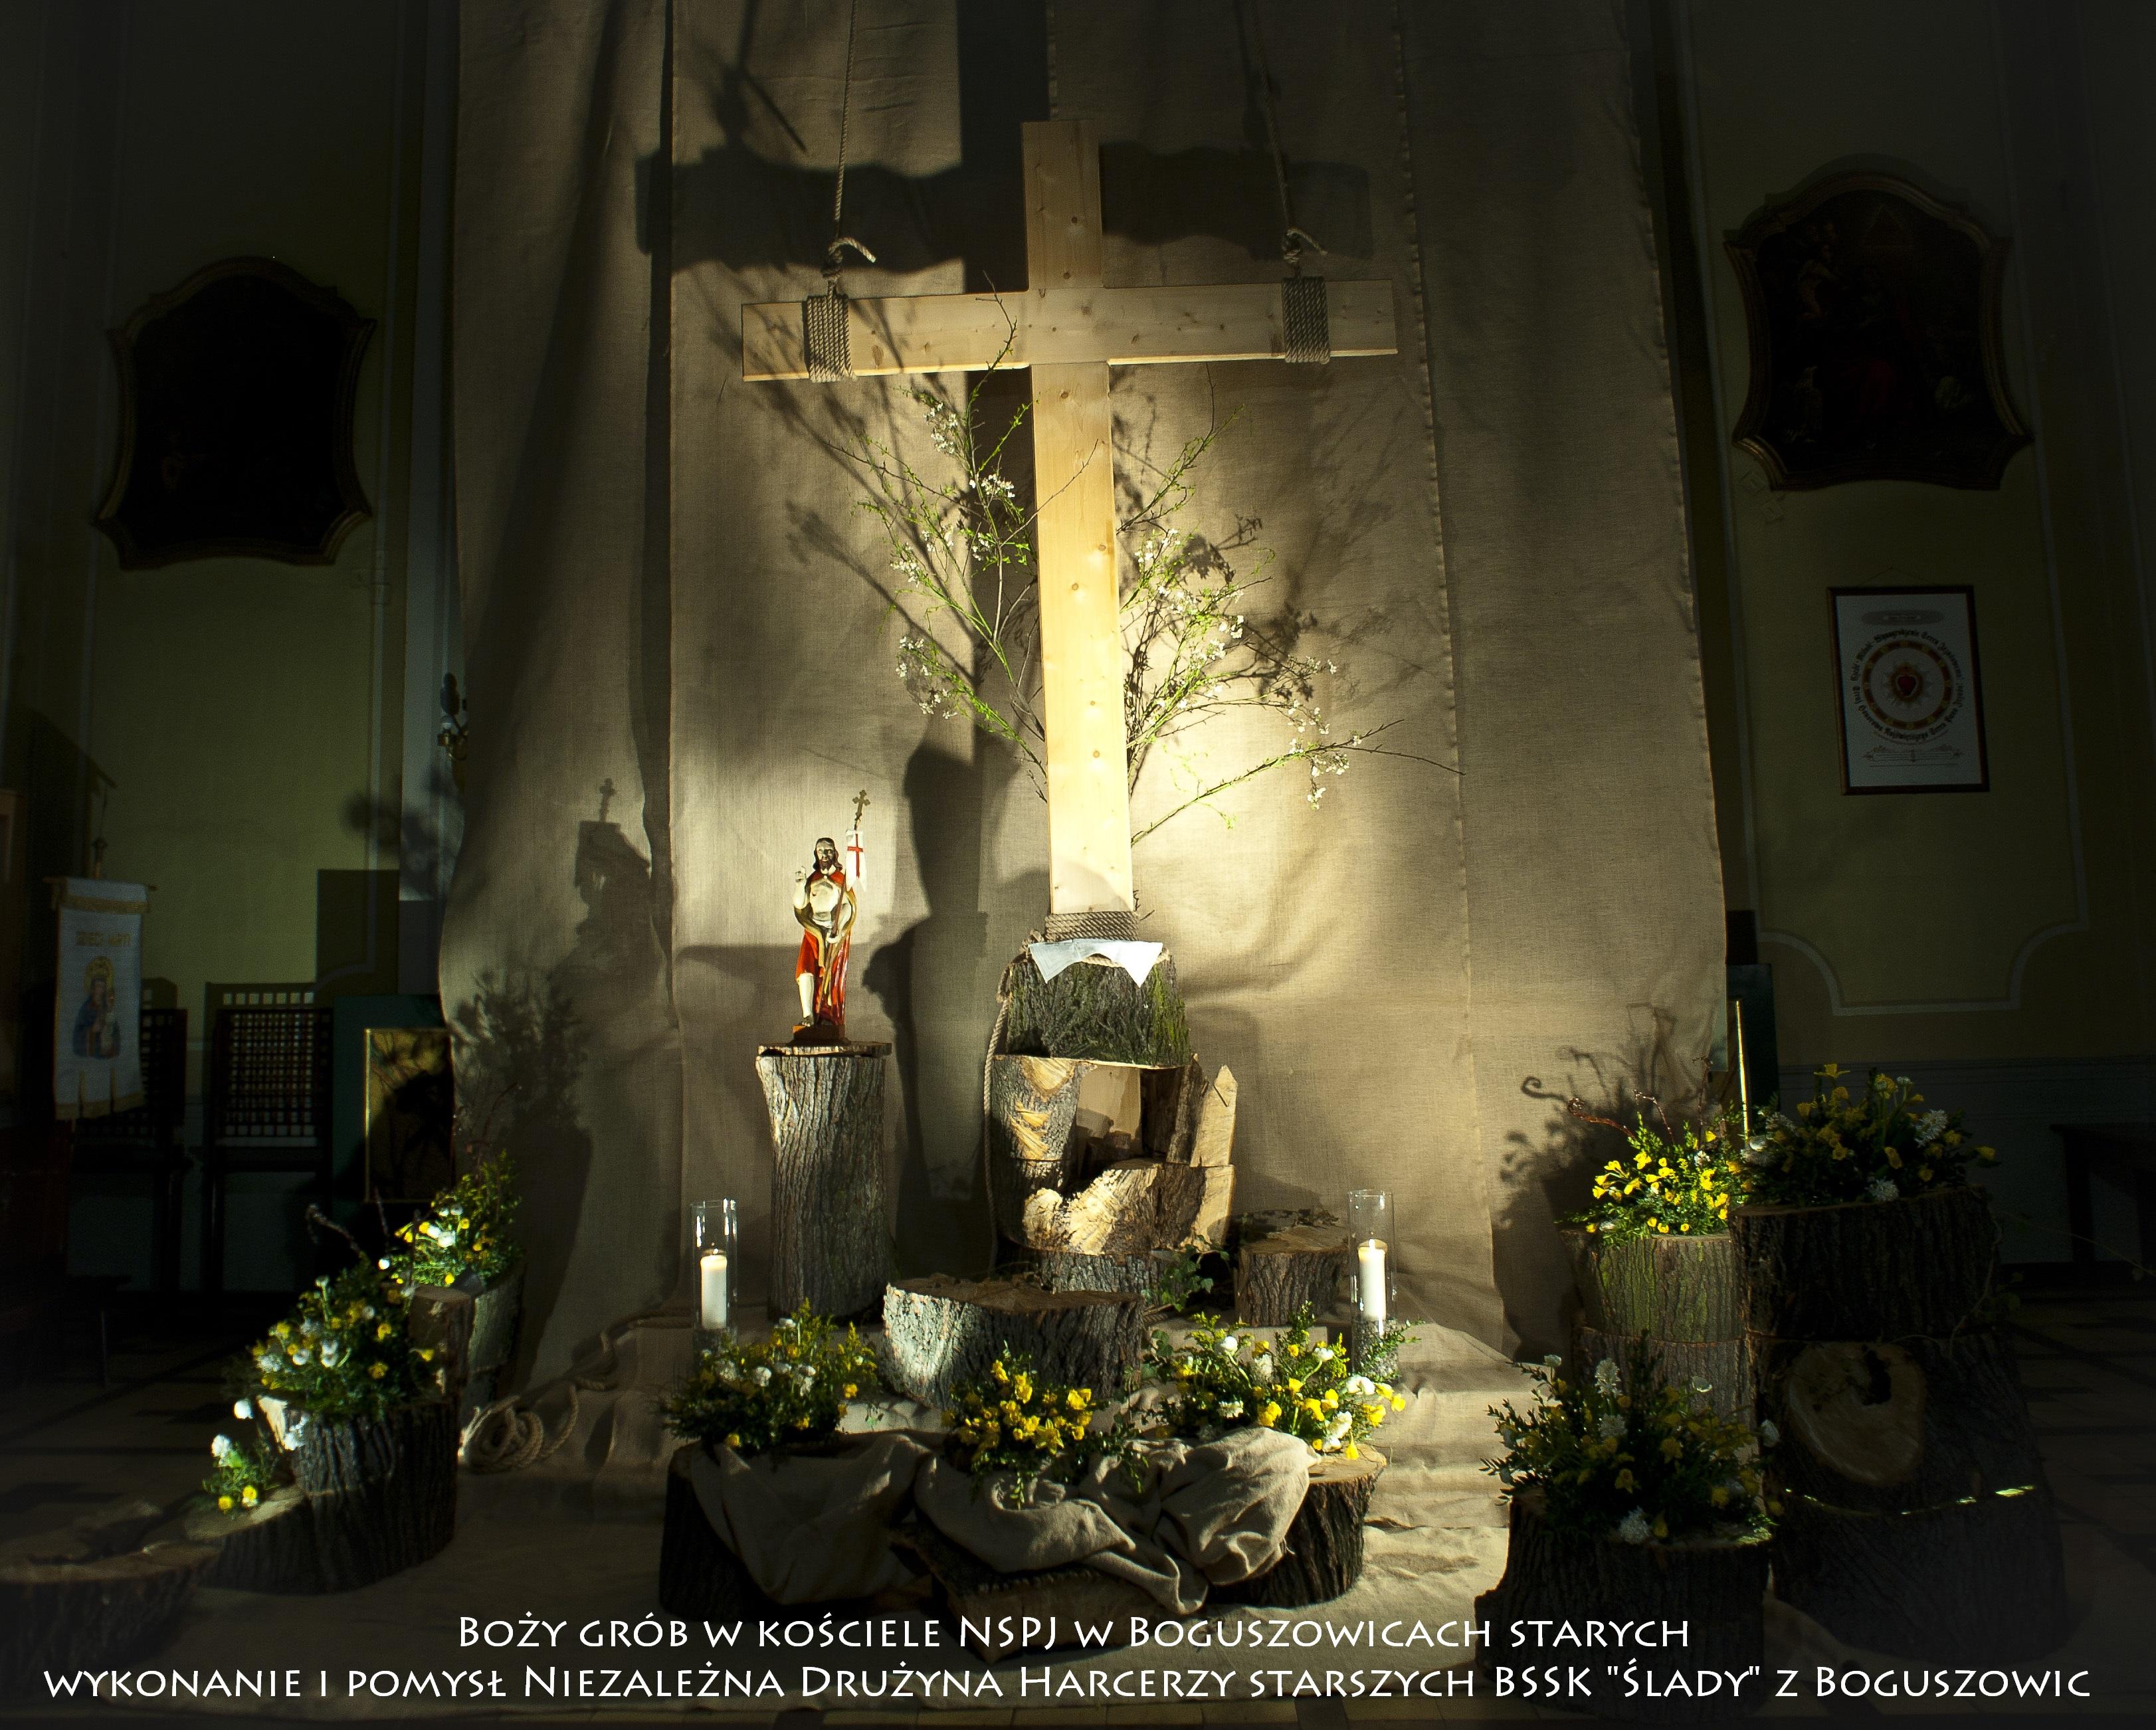 Wielkanoc ! Zmartwychwstanie ! Alleluja!